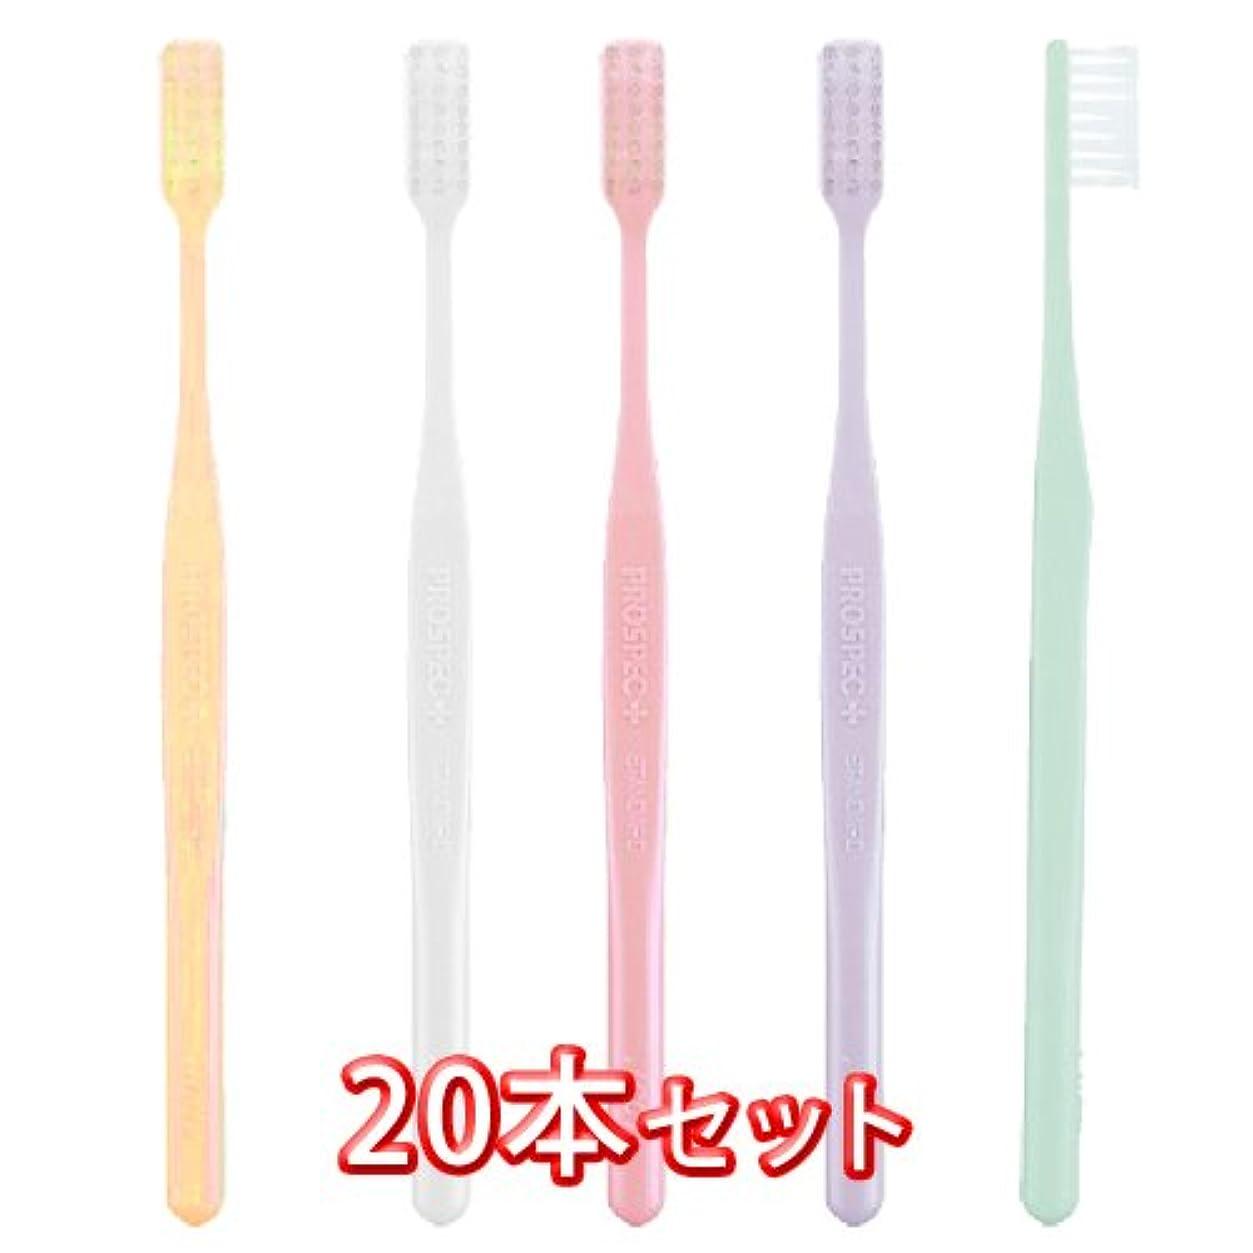 大通り軽量団結するプロスペック 歯ブラシ プラススタンダード 20本入 S やわらかめ